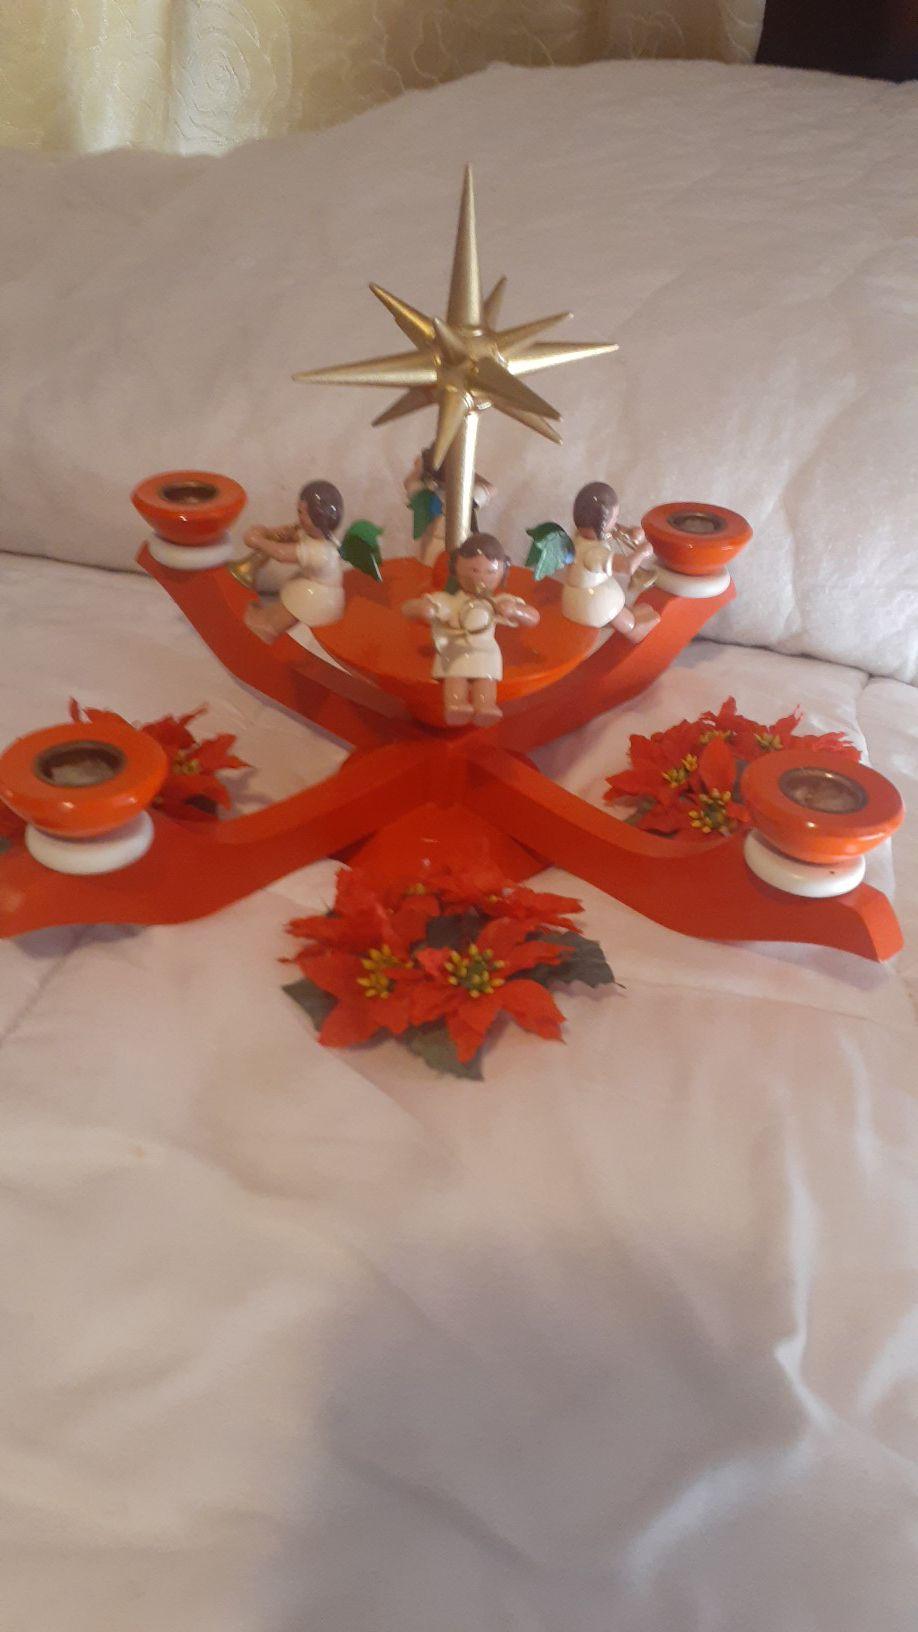 Erzgebirge vintage candle holder